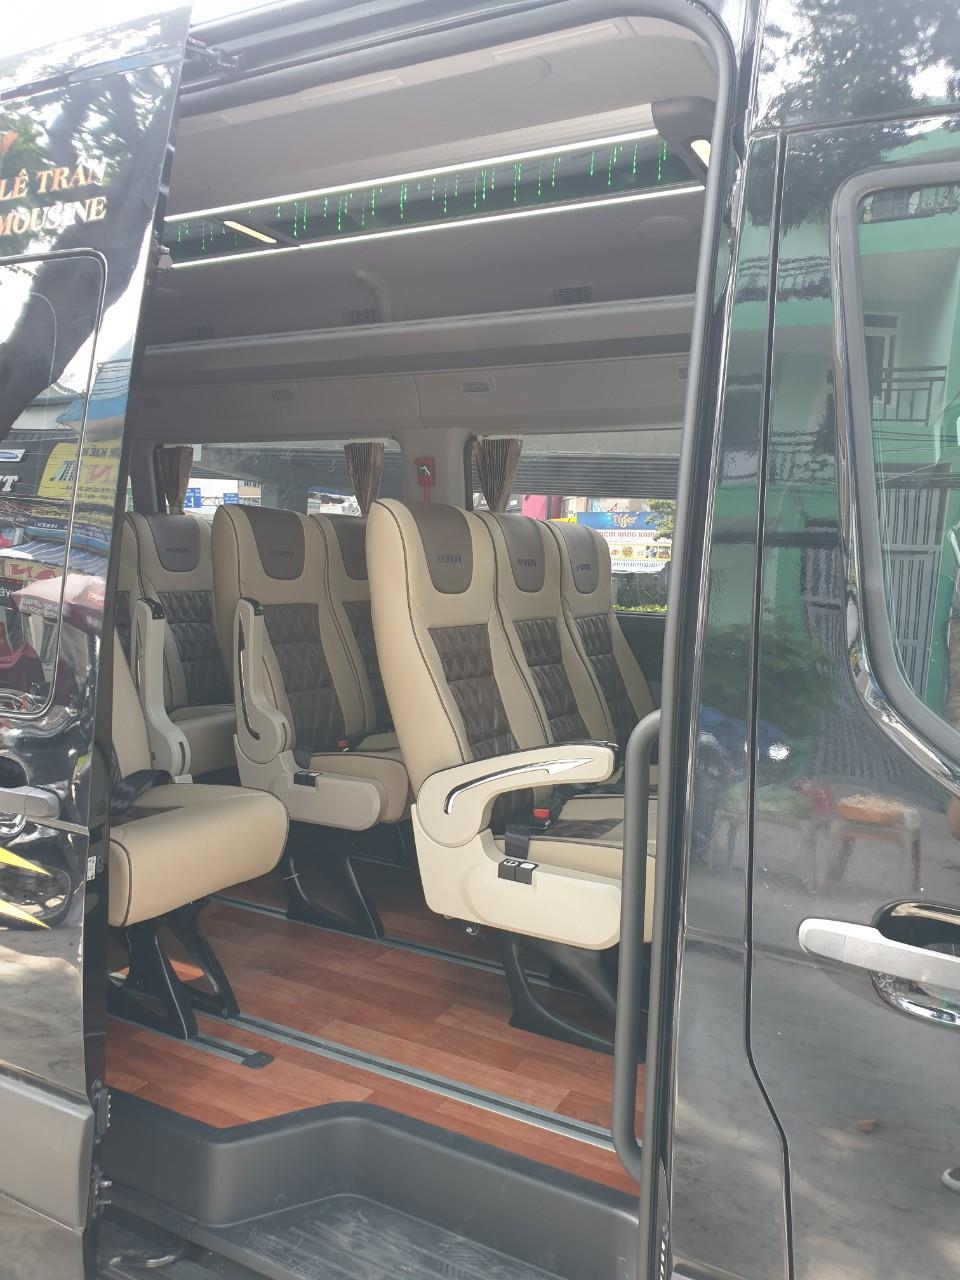 Nội thất xe Lê Trần Limousine đi Đà Lạt từ Sài Gòn